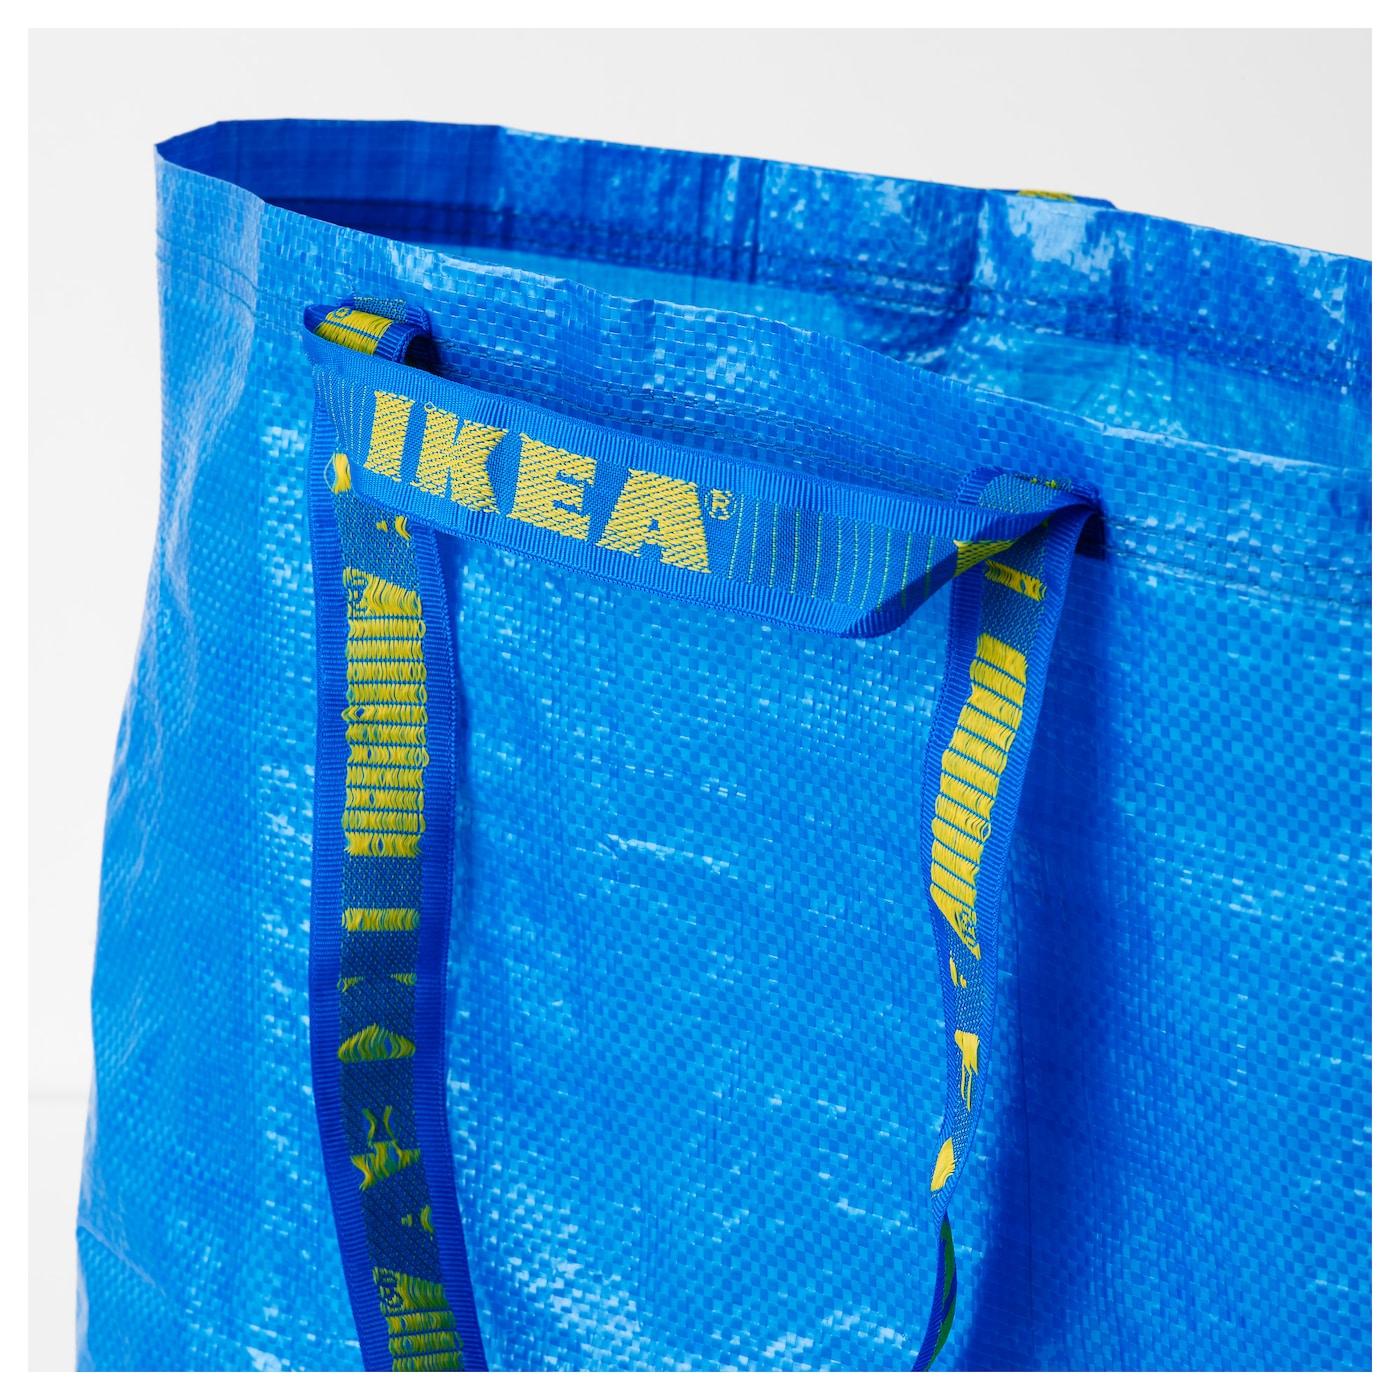 Details about  /Upcycled ikea frakta blue bag all handmade shoulder tote bag